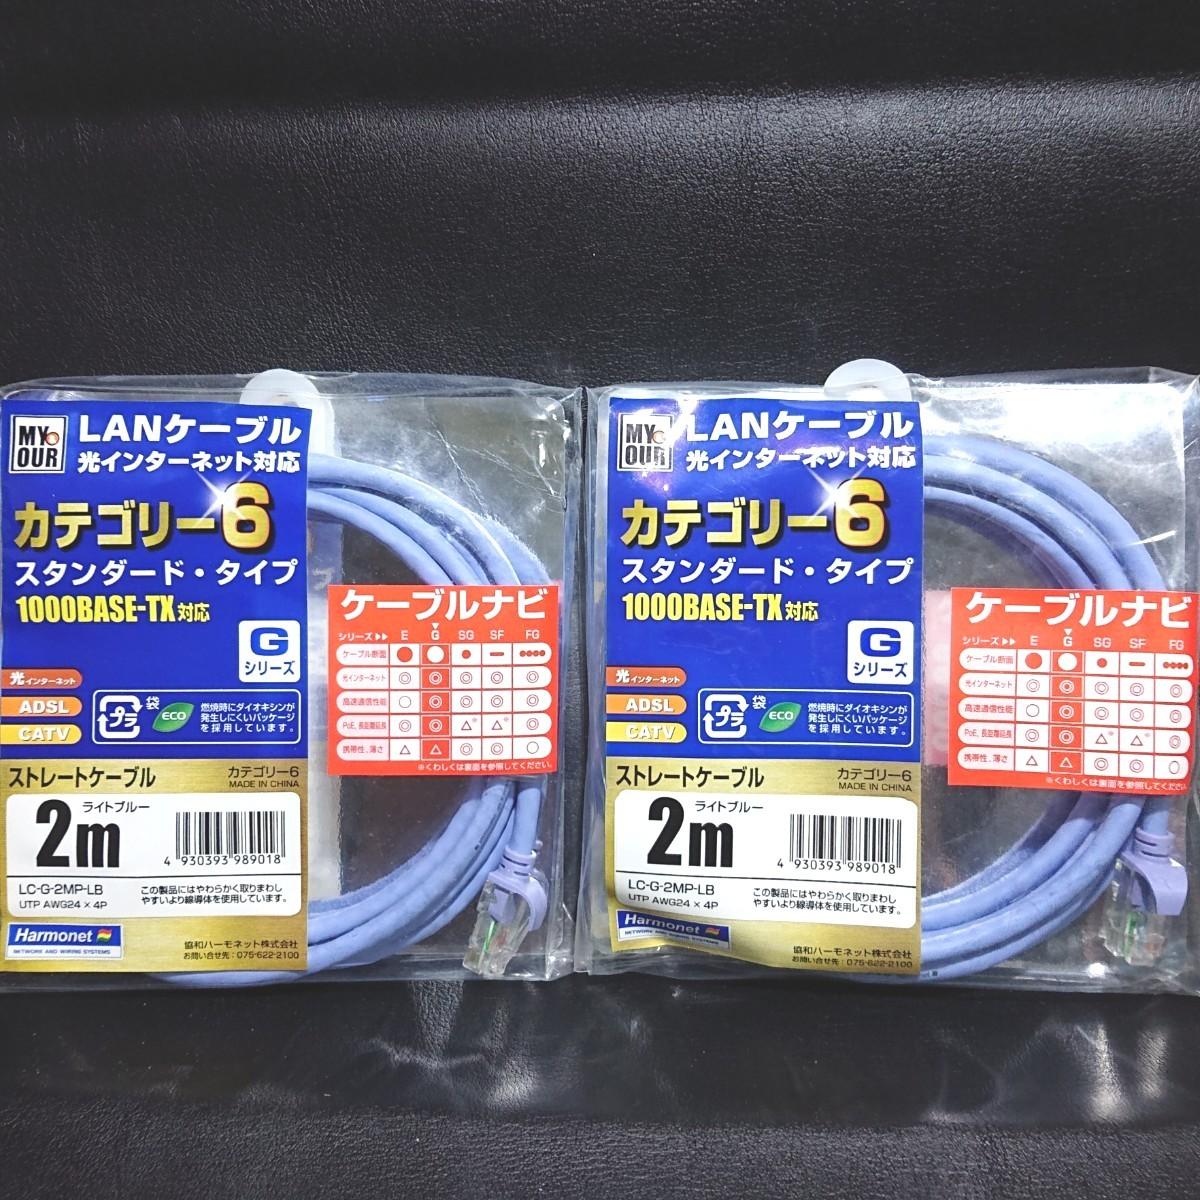 LANケーブル 光インターネット対応カテゴリー6 スタンダード・タイプ 2個セット